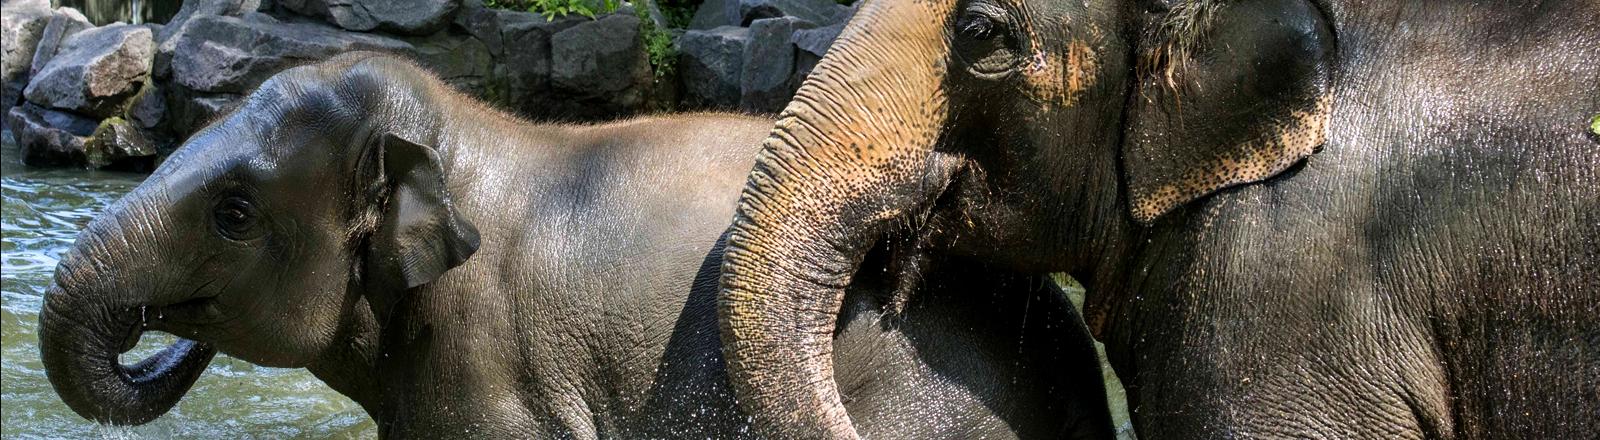 Elefanten im Berliner Zoo